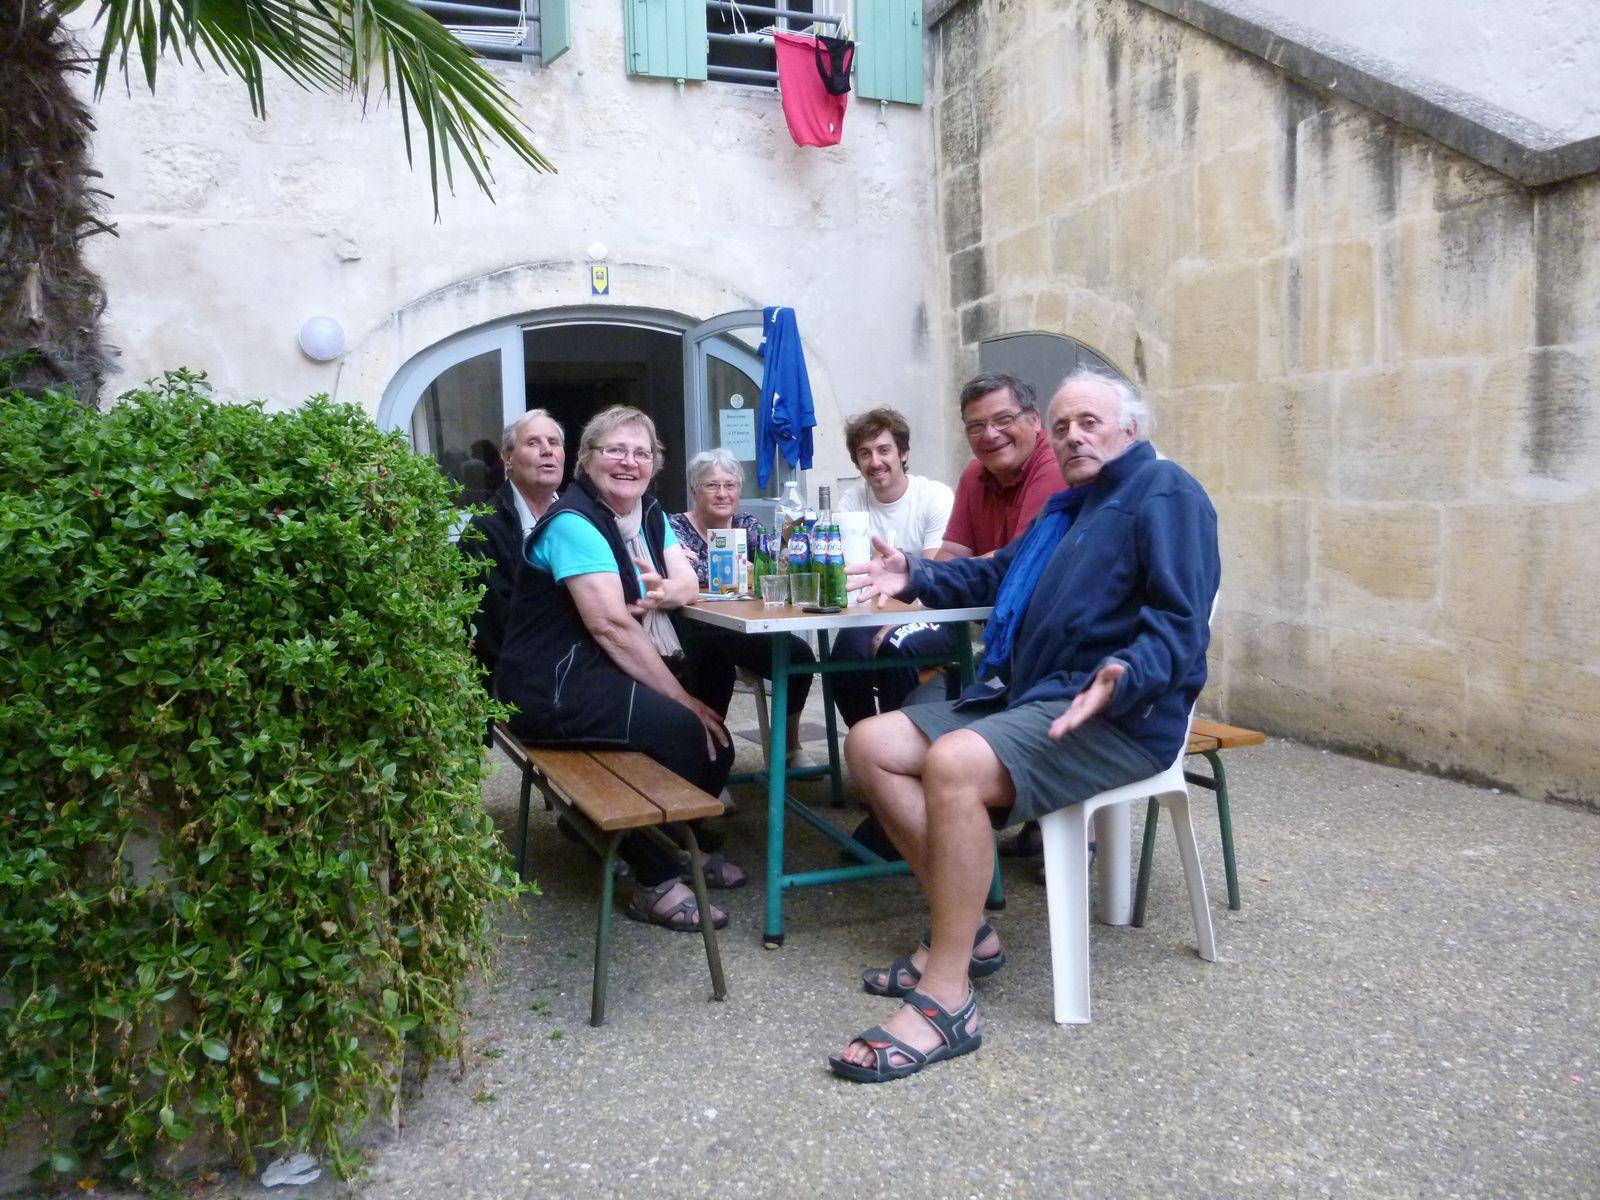 Soirée pélerine à la Maison des Pélerins de St Gilles du Gard - Qu'en termes justes ces choses sont dites !